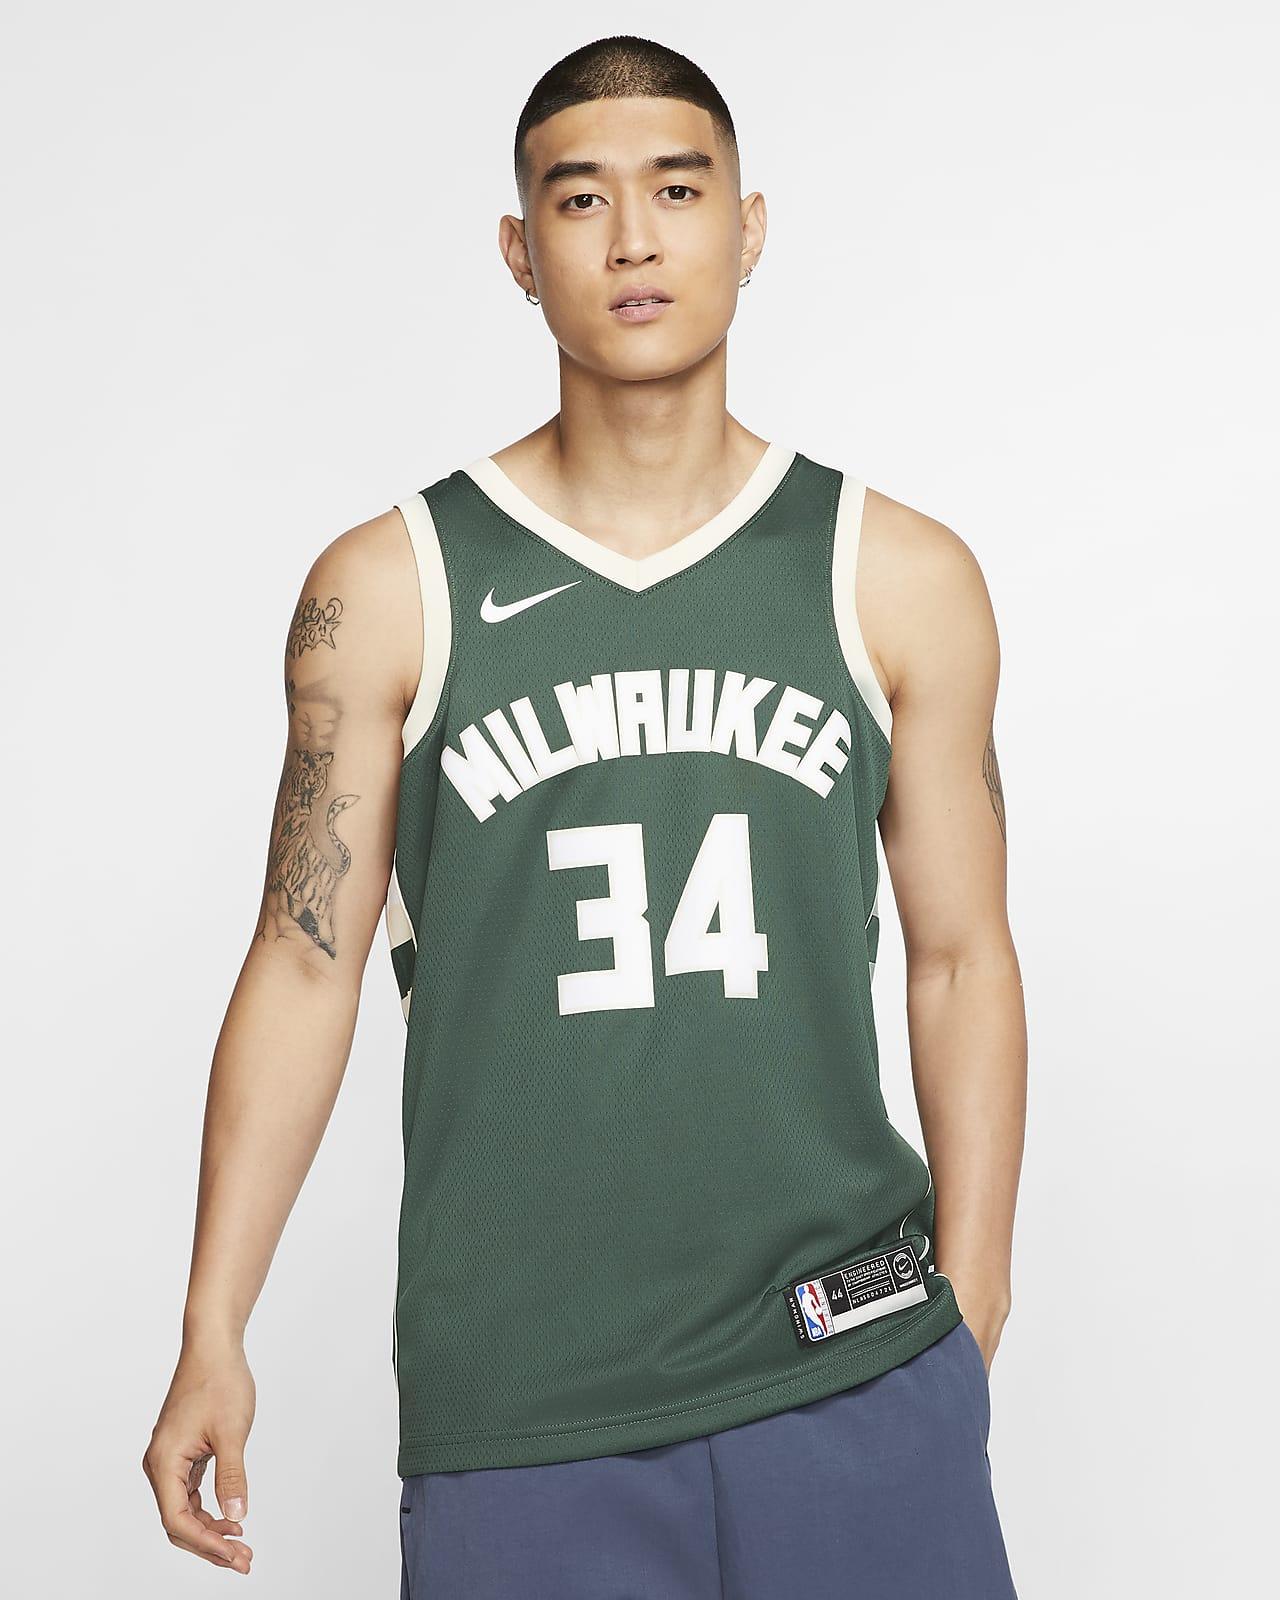 Camiseta para hombre Nike NBA Swingman Giannis Antetokounmpo Bucks Icon Edition